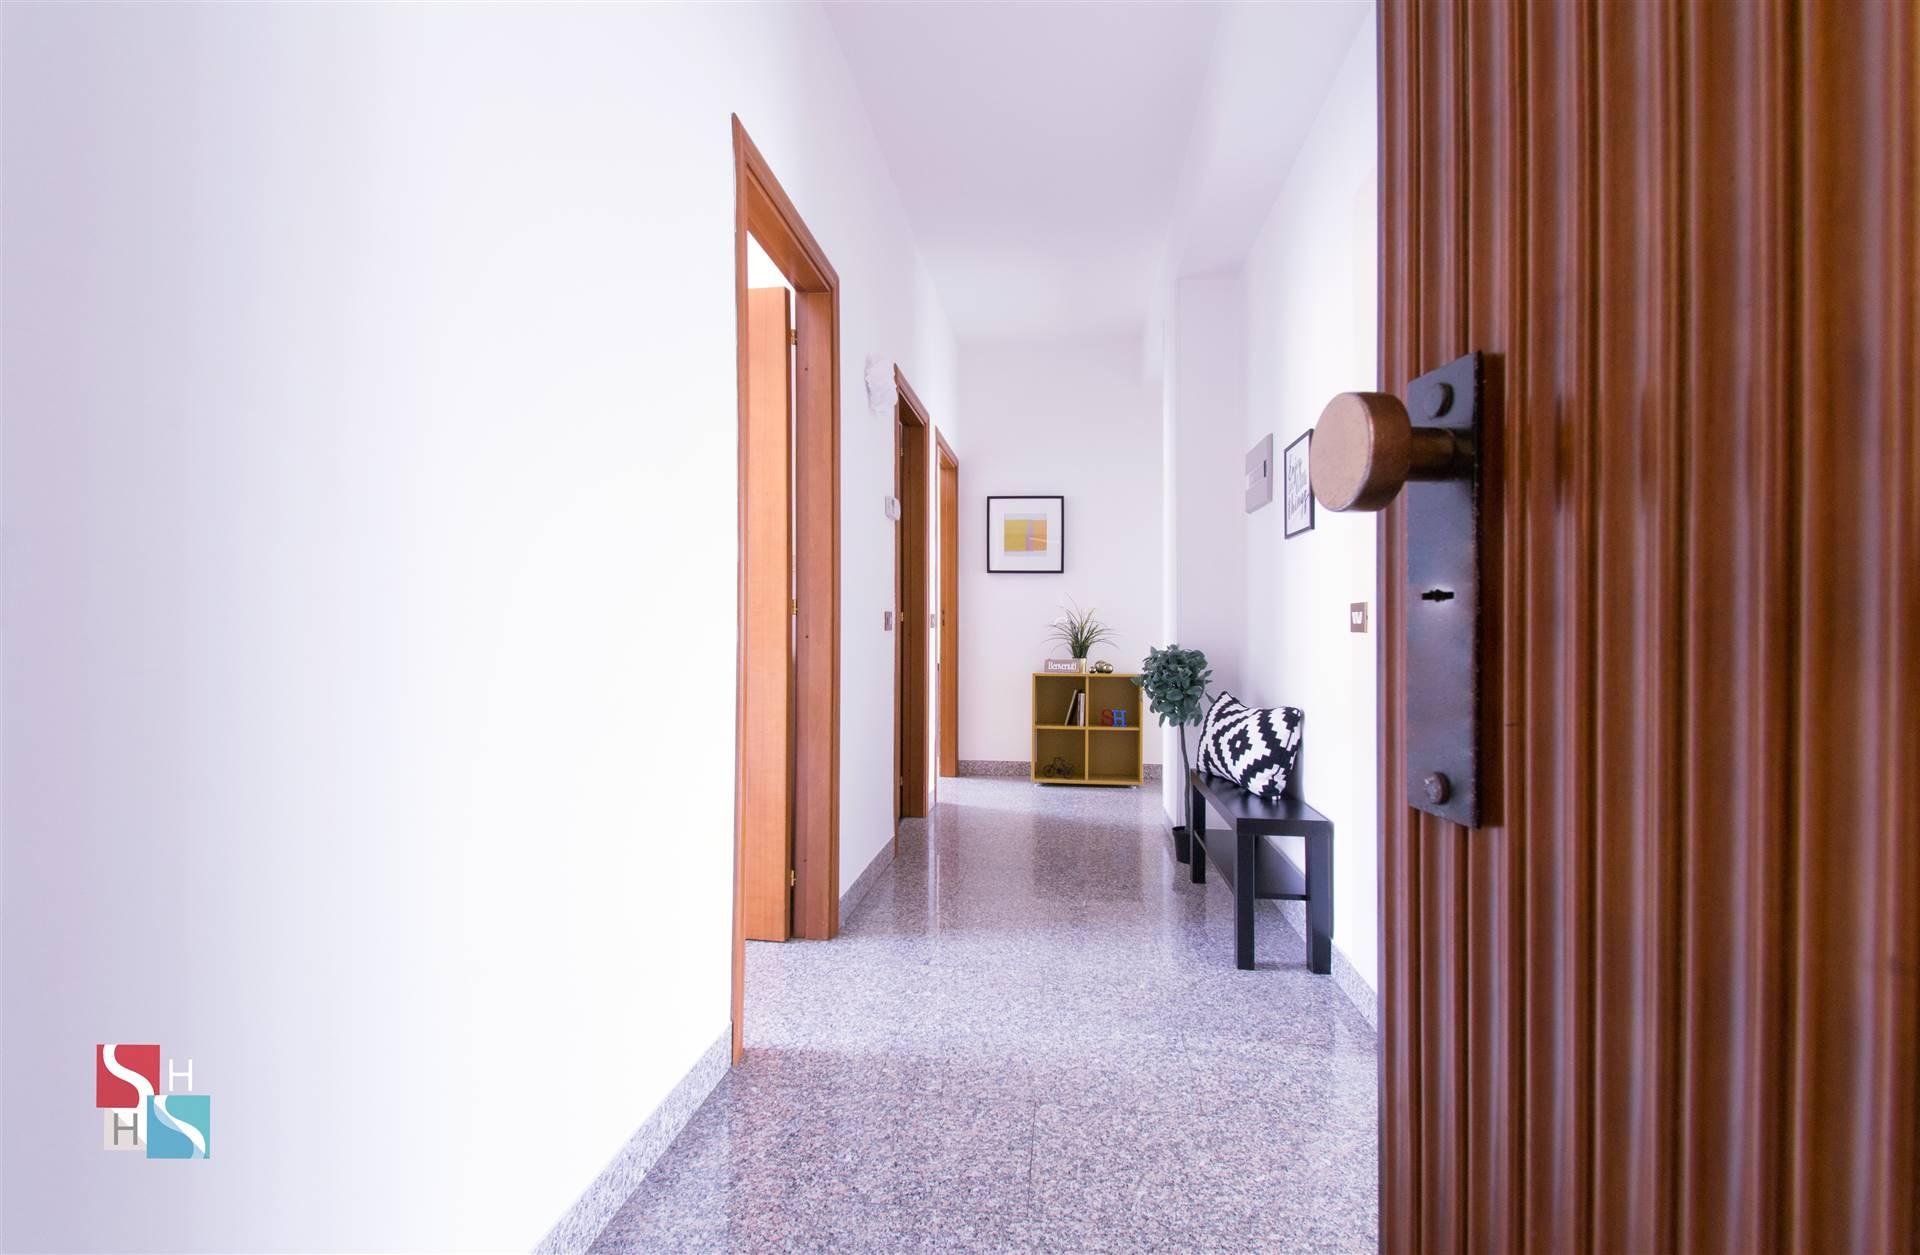 Appartamento in vendita a Potenza, 3 locali, zona centro, prezzo € 135.000 | PortaleAgenzieImmobiliari.it